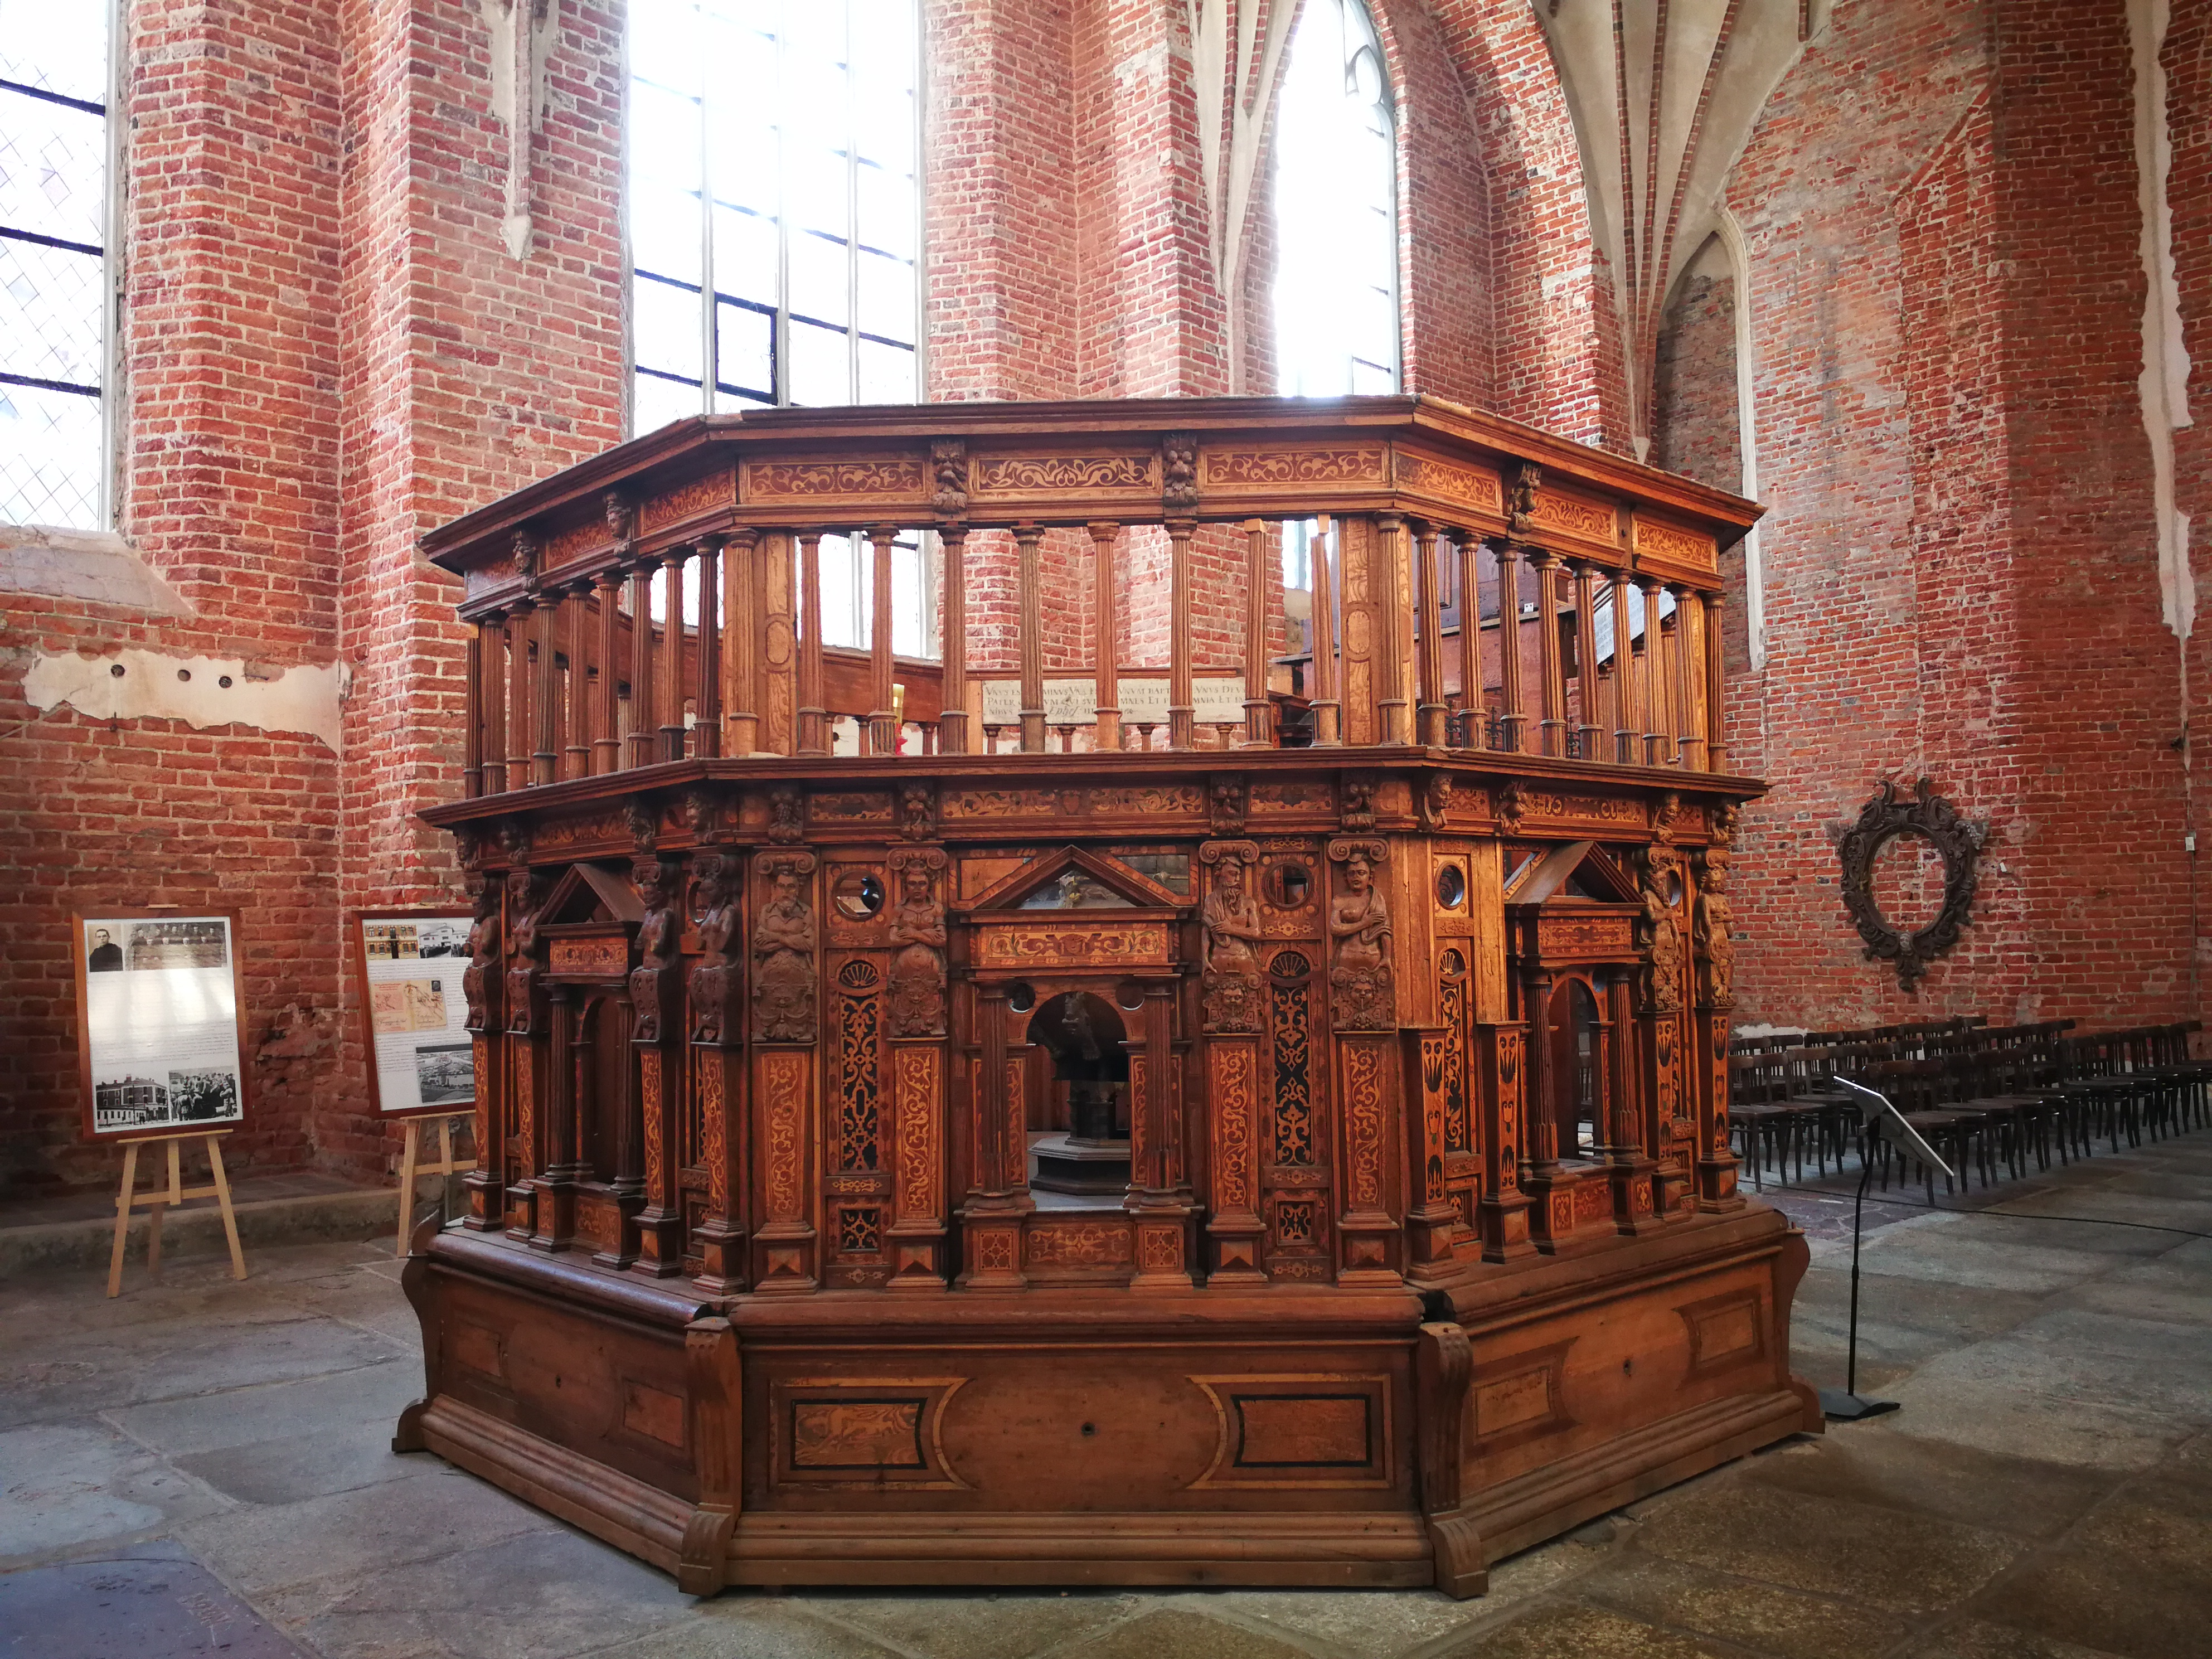 La iglesia de Santa Catalina, Gdansk, Polonia; bautisterio del siglo XVI; Foto Ania Anna Kotula de Tour Guide Service Gdansk